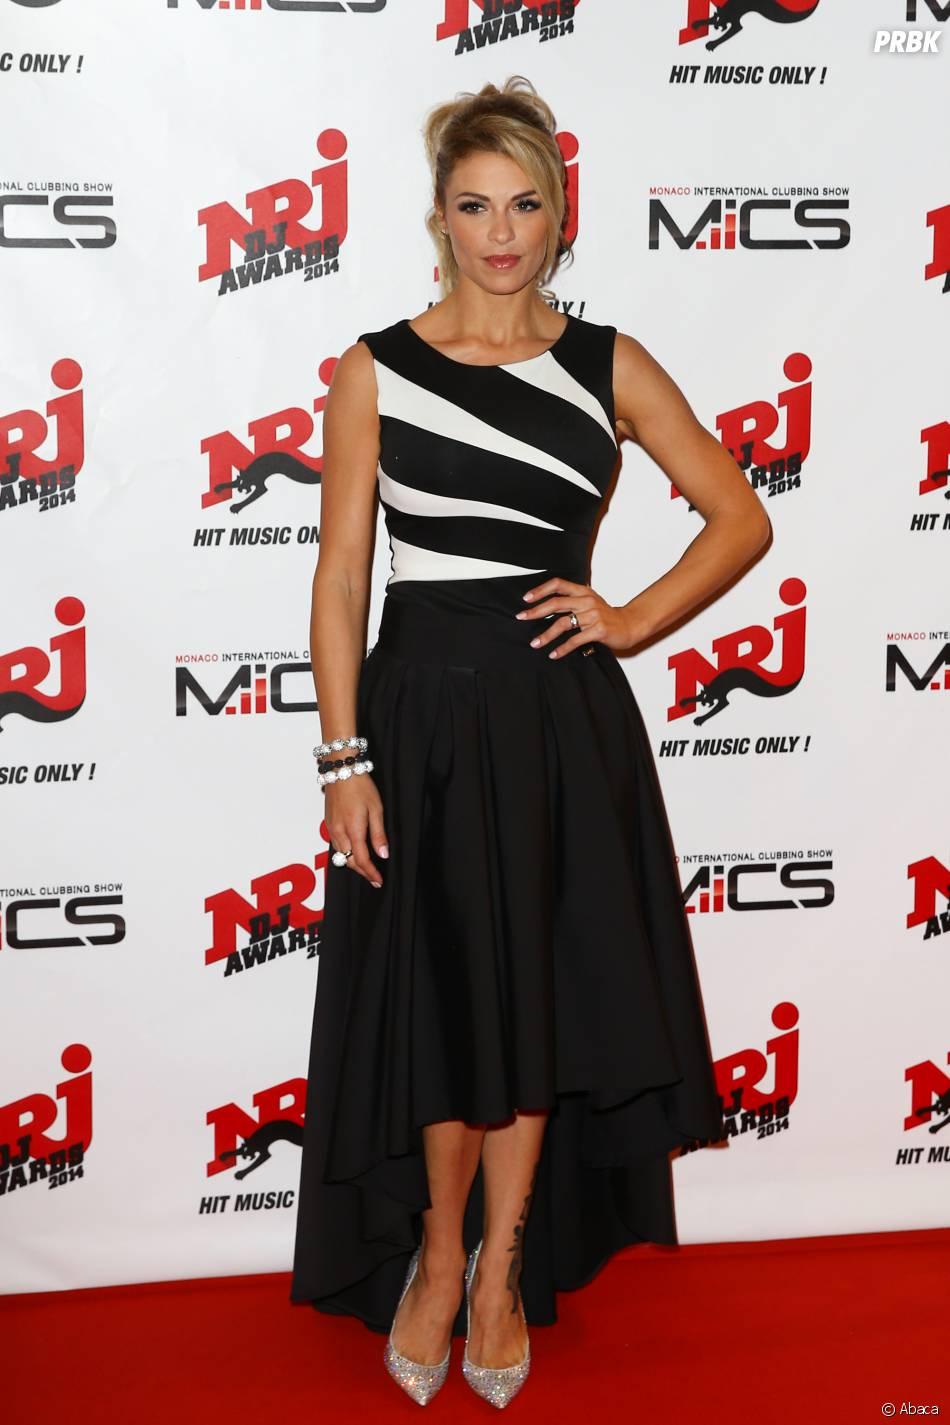 Niki Belucci à la cérémonie des NRJ DJ Awards 2014 à Monaco, le 12 novembre 2014